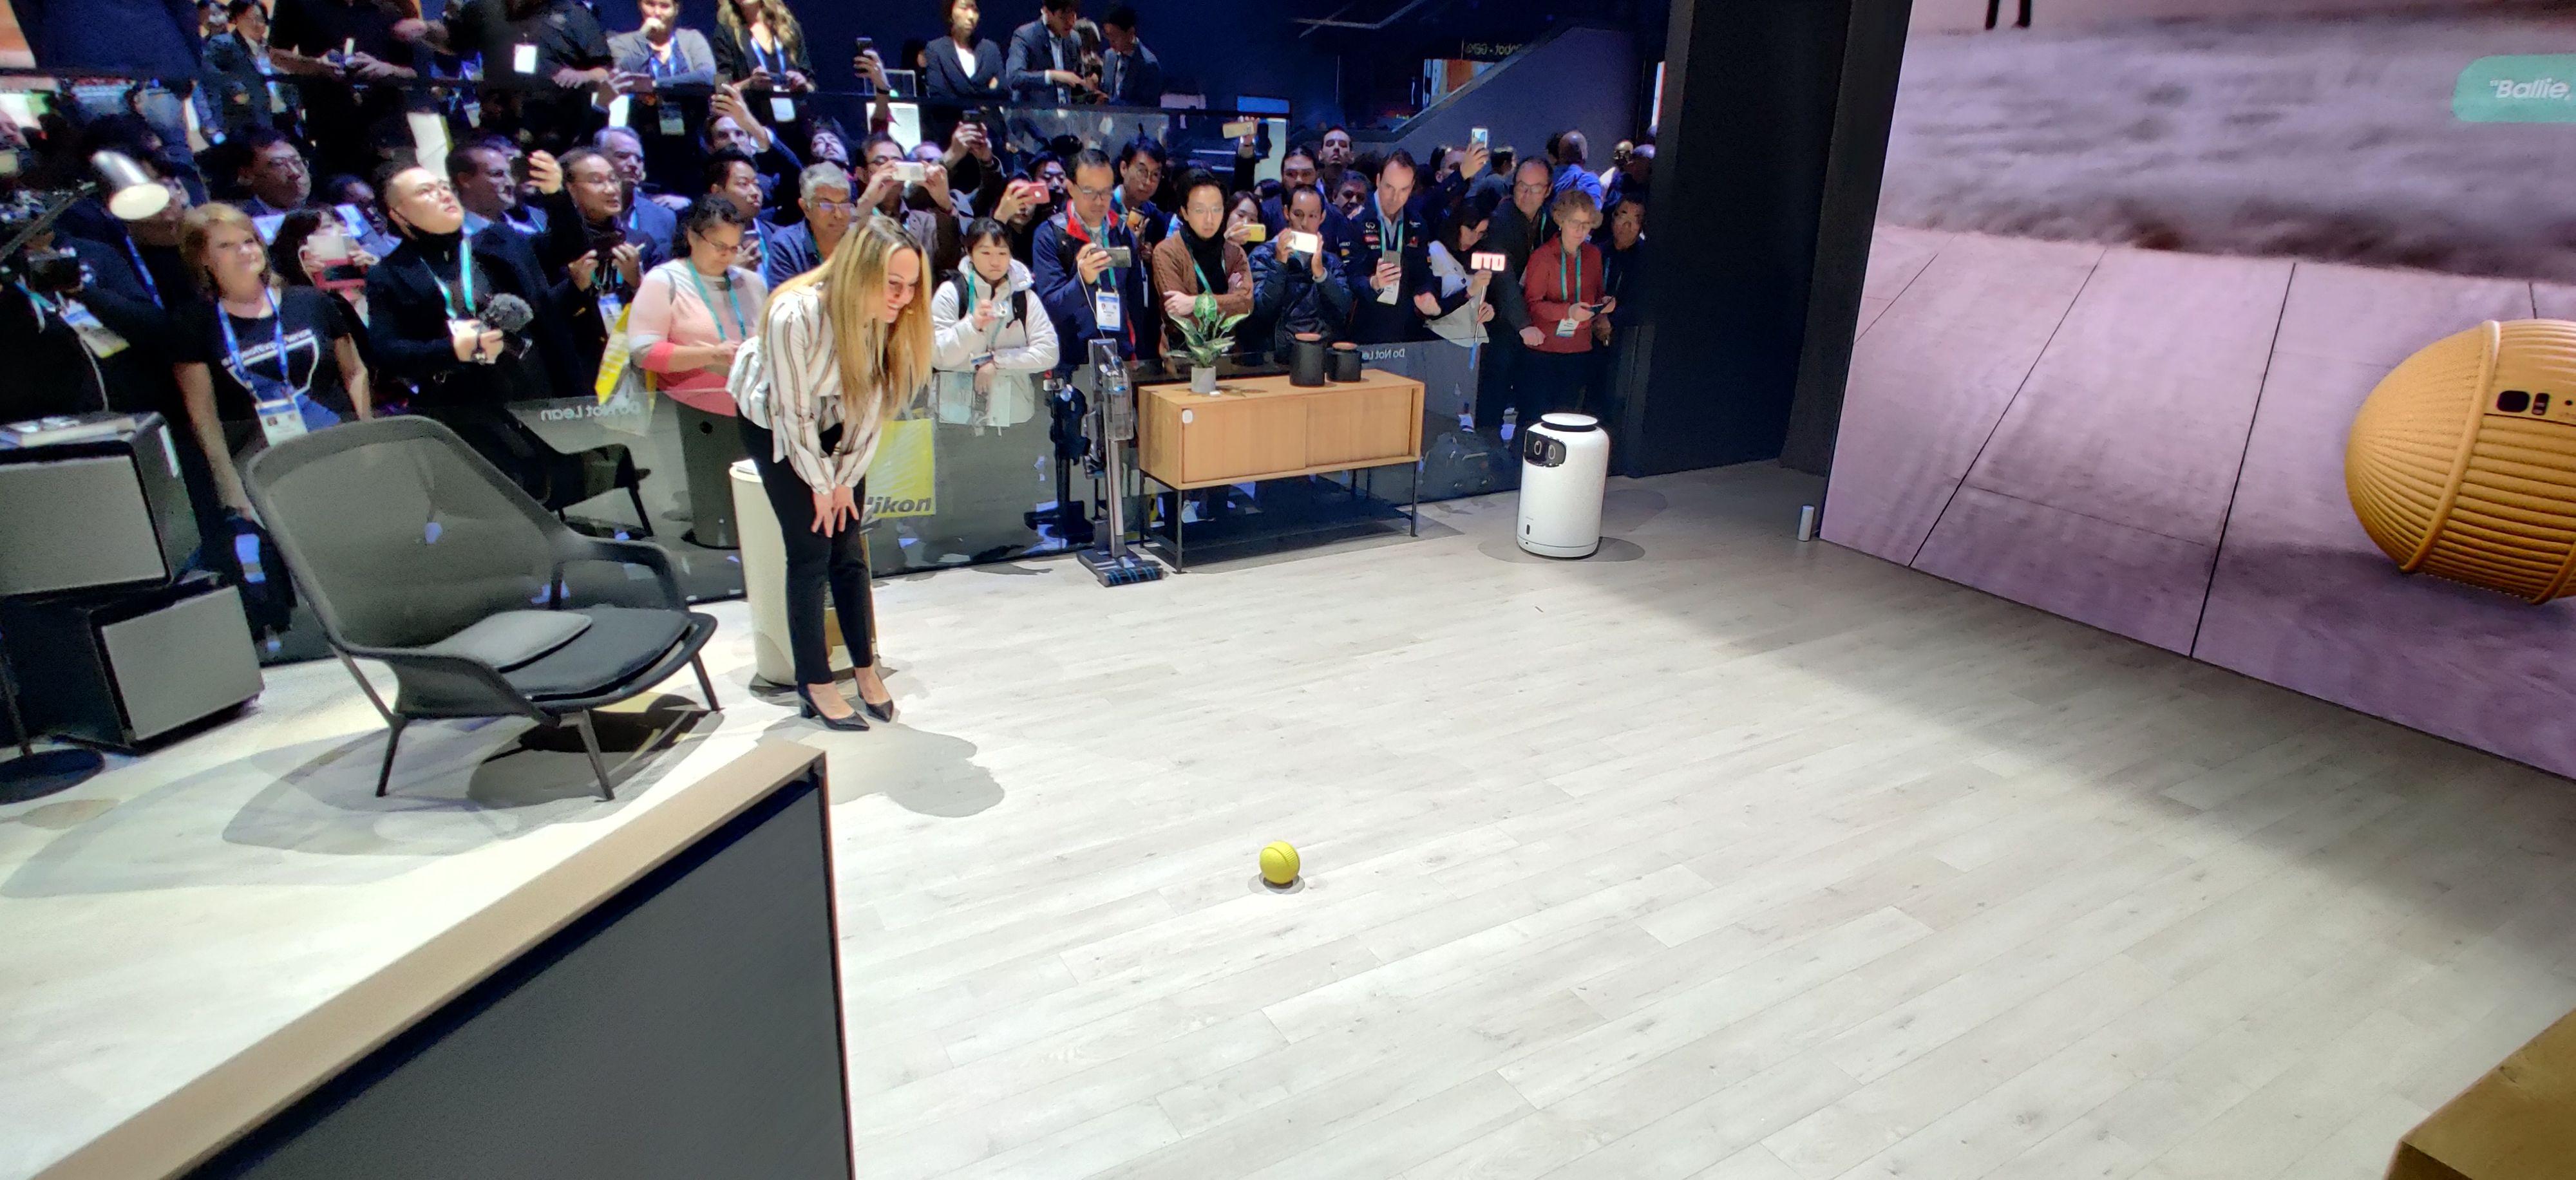 Ballen holder litt avstand. Grunnet mye støy på messegulvet måtte hun som demonstrerte roboten bøye seg ned så den skulle høre hva hun sa.